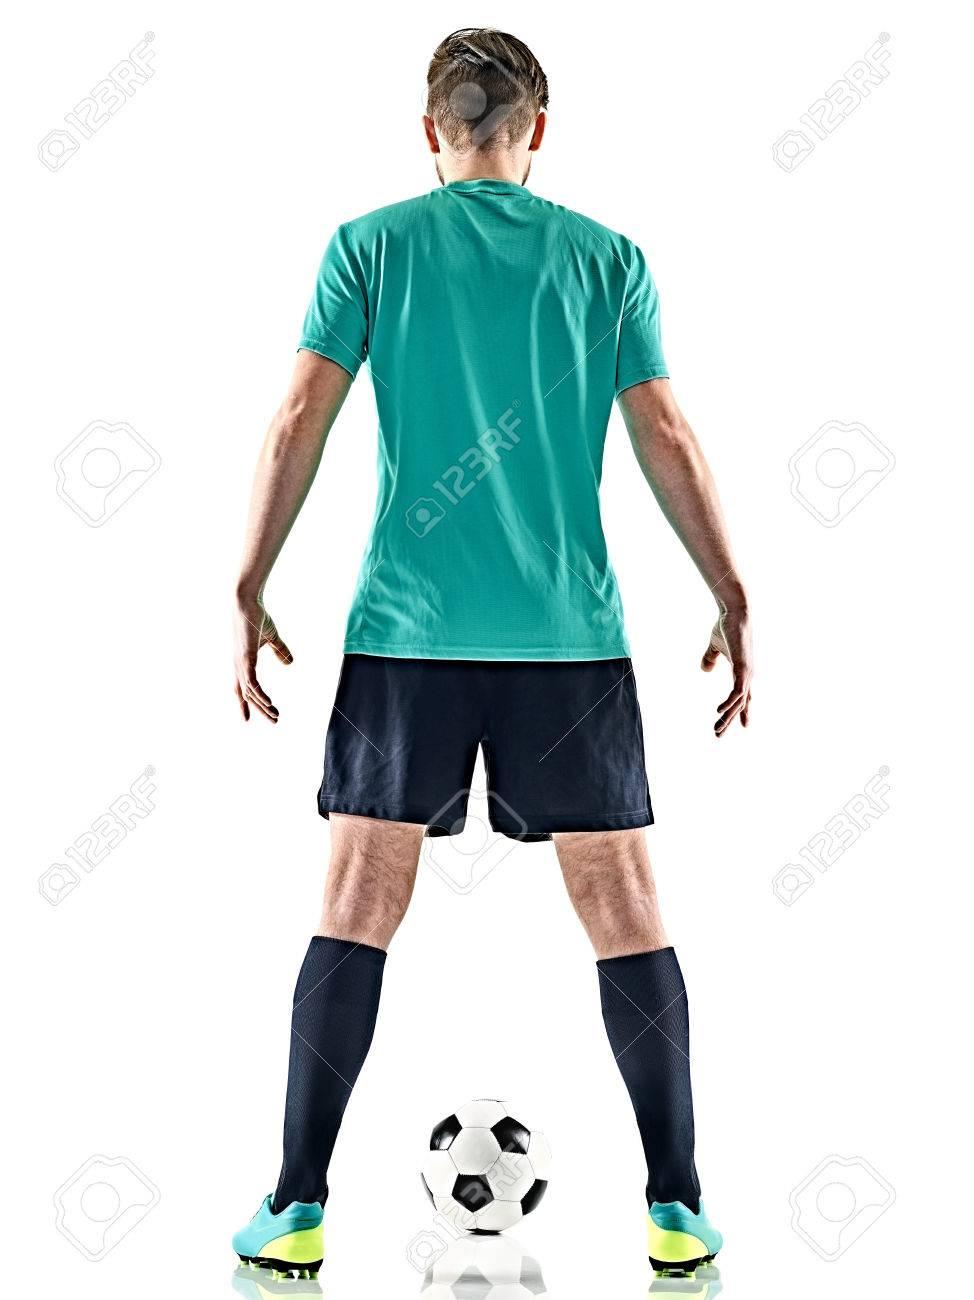 joueur de foot de dos